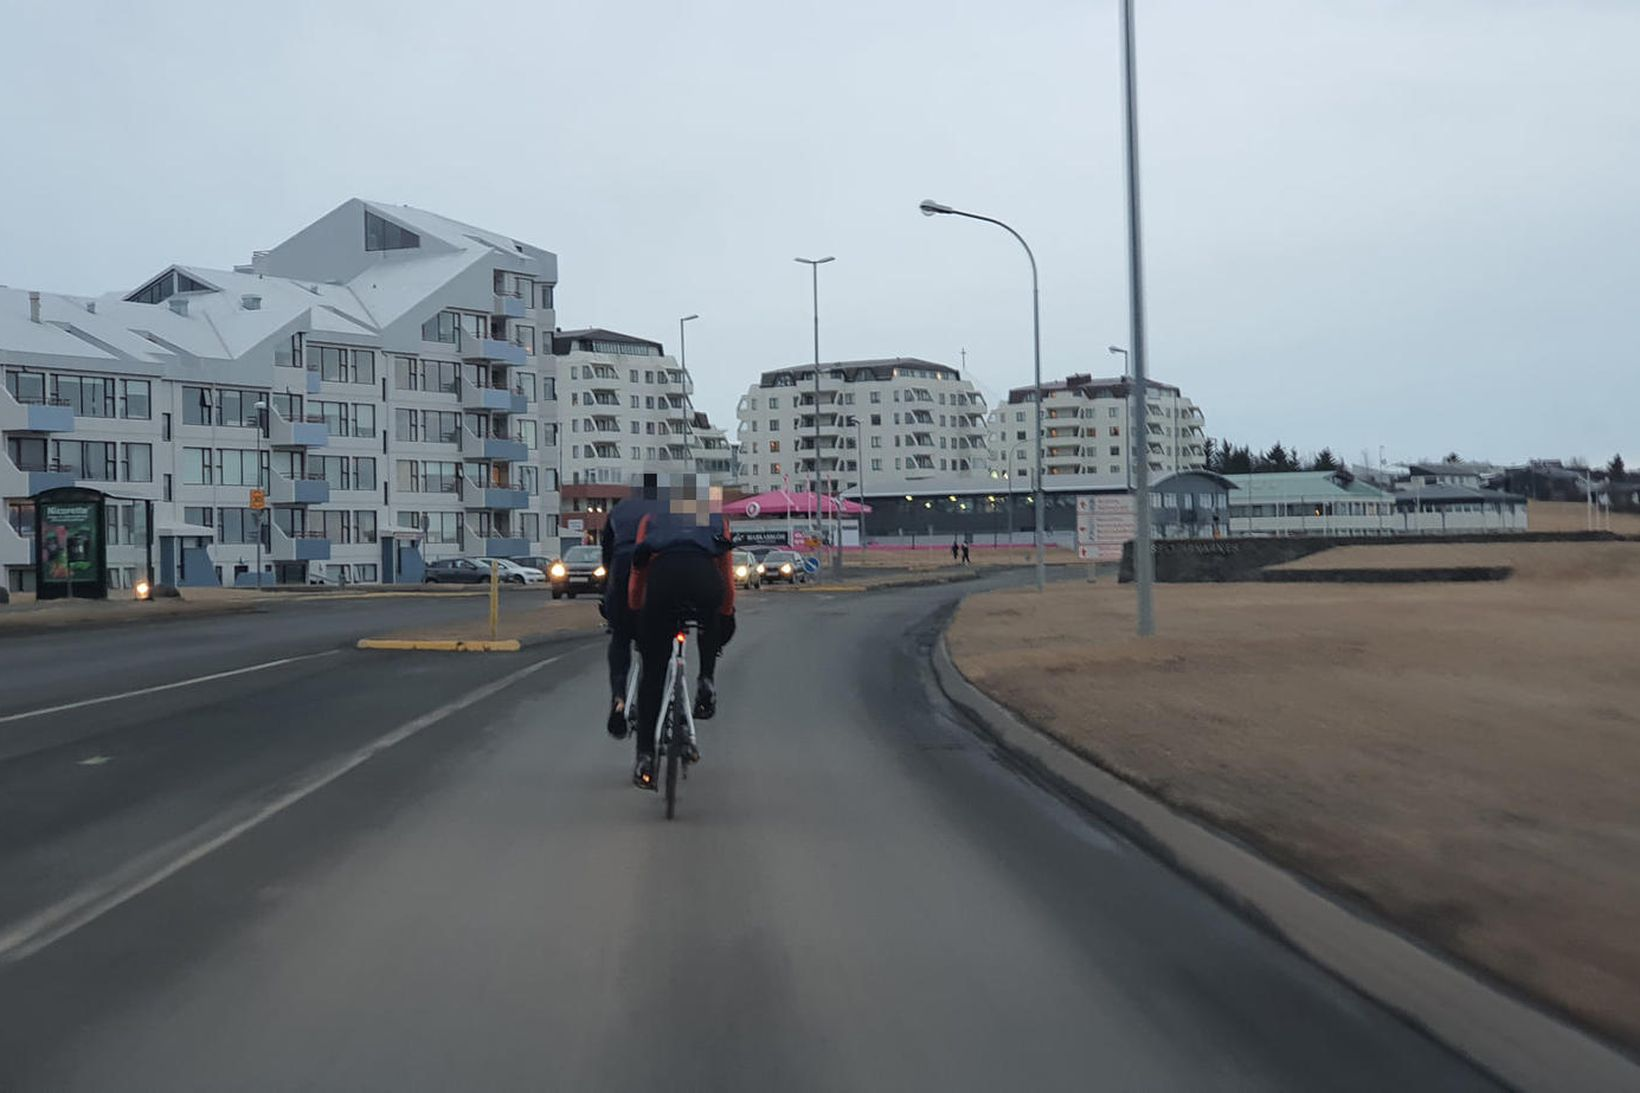 Þar sem leyfður hámarkshraði er 50 km á klst. á …